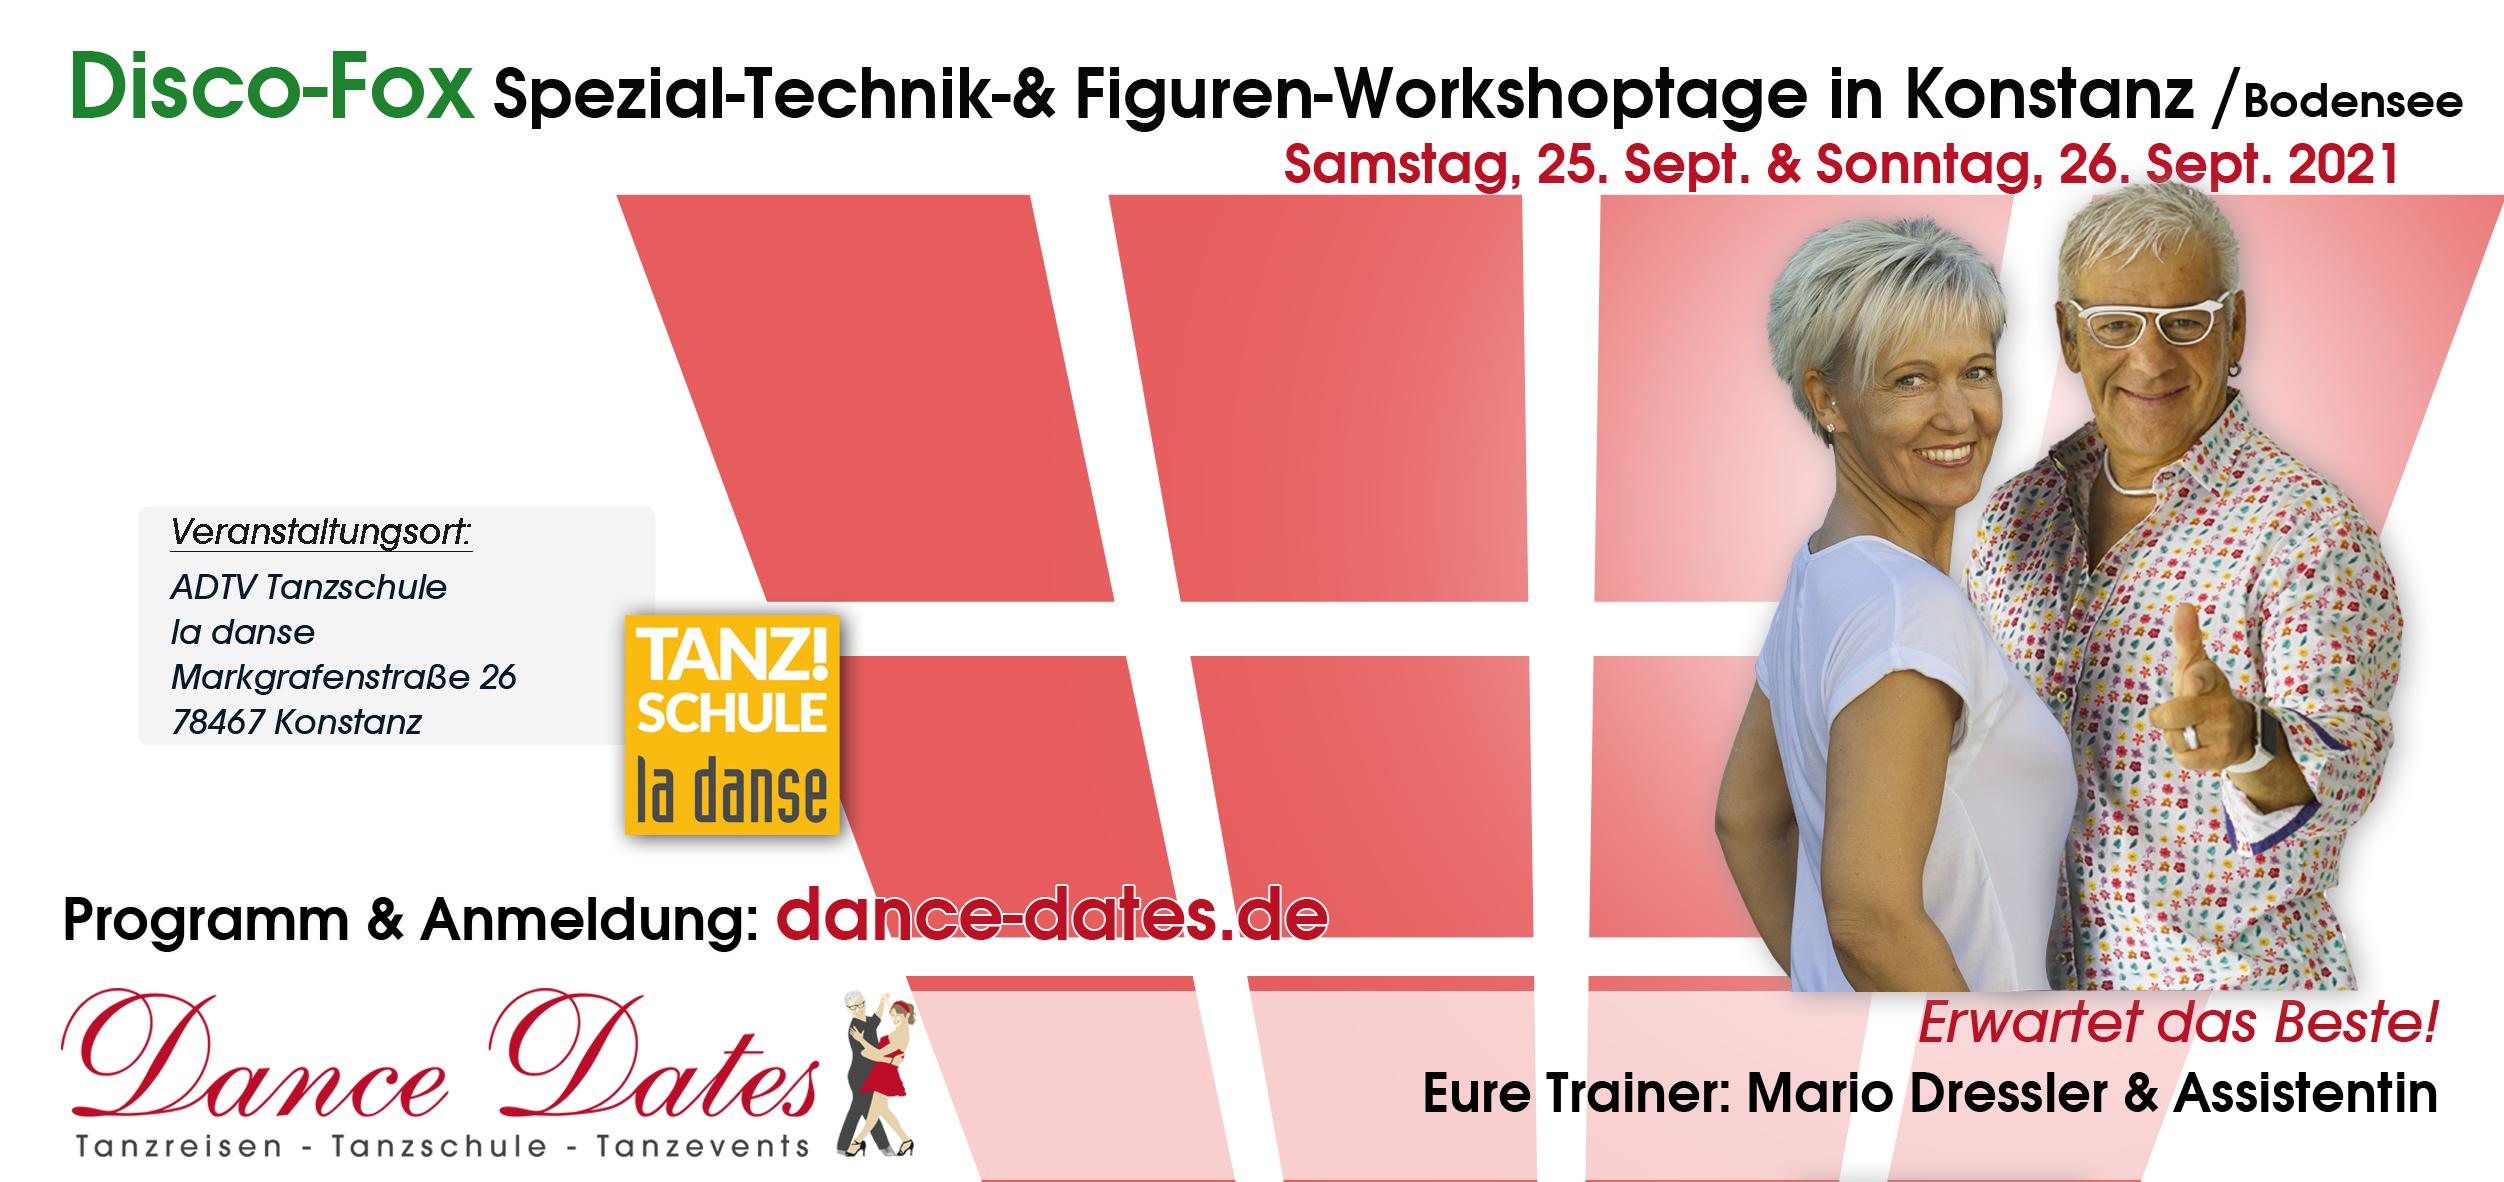 Disco Fox Special Technik & Figuren Workshop Tage in Konstanz am Bodensee